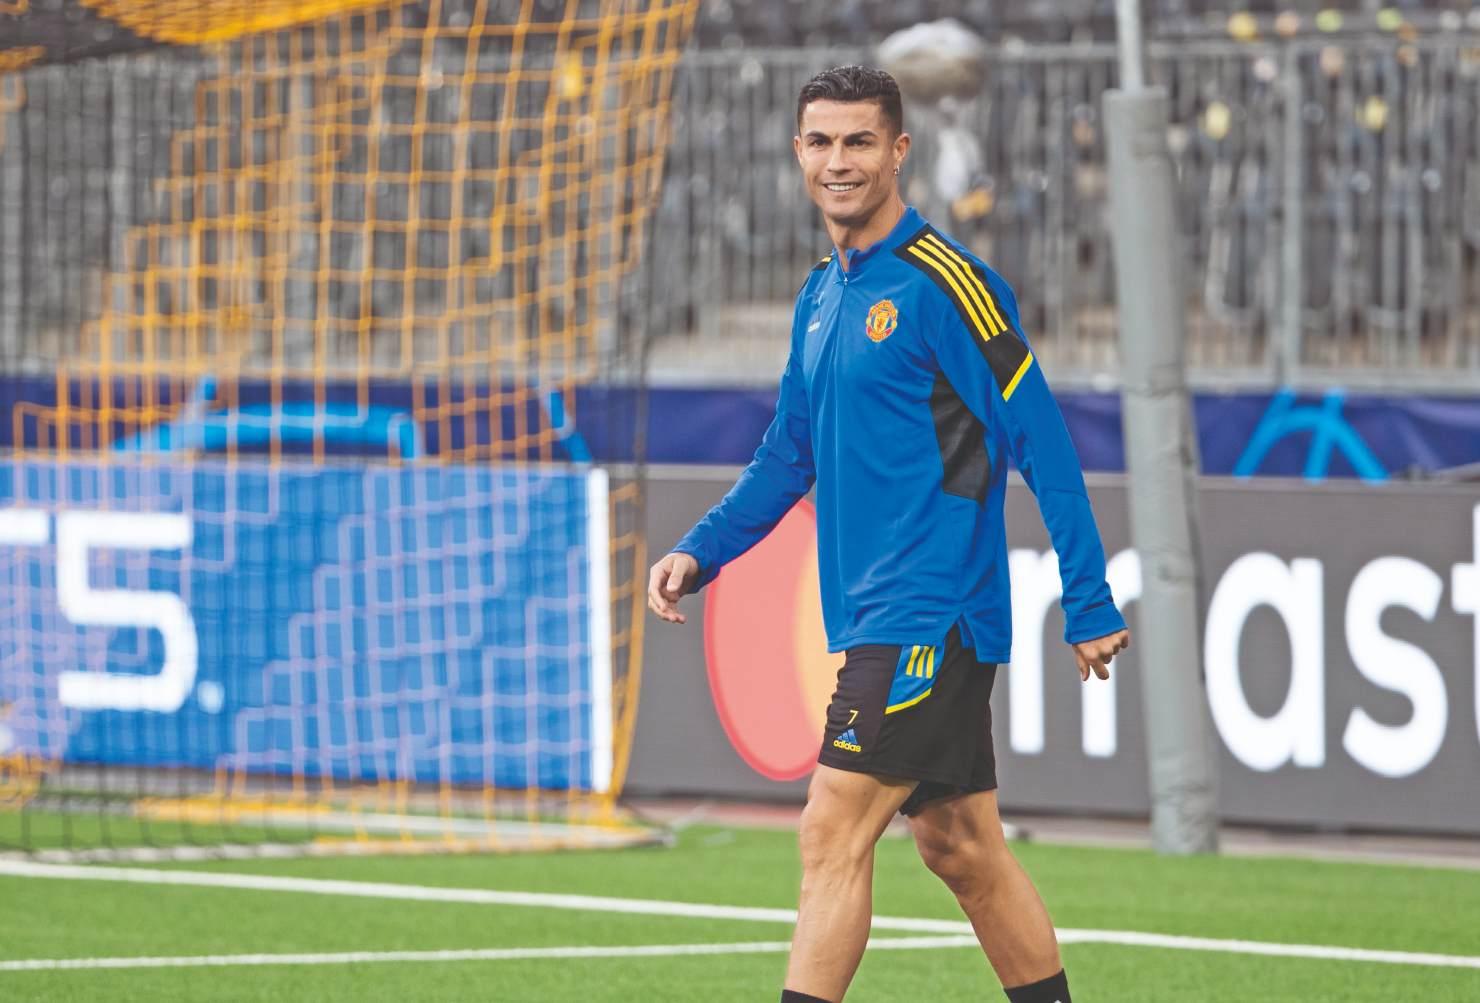 Arranca la Liga de Campeones y Cristiano Ronaldo busca seguir acumulando goles